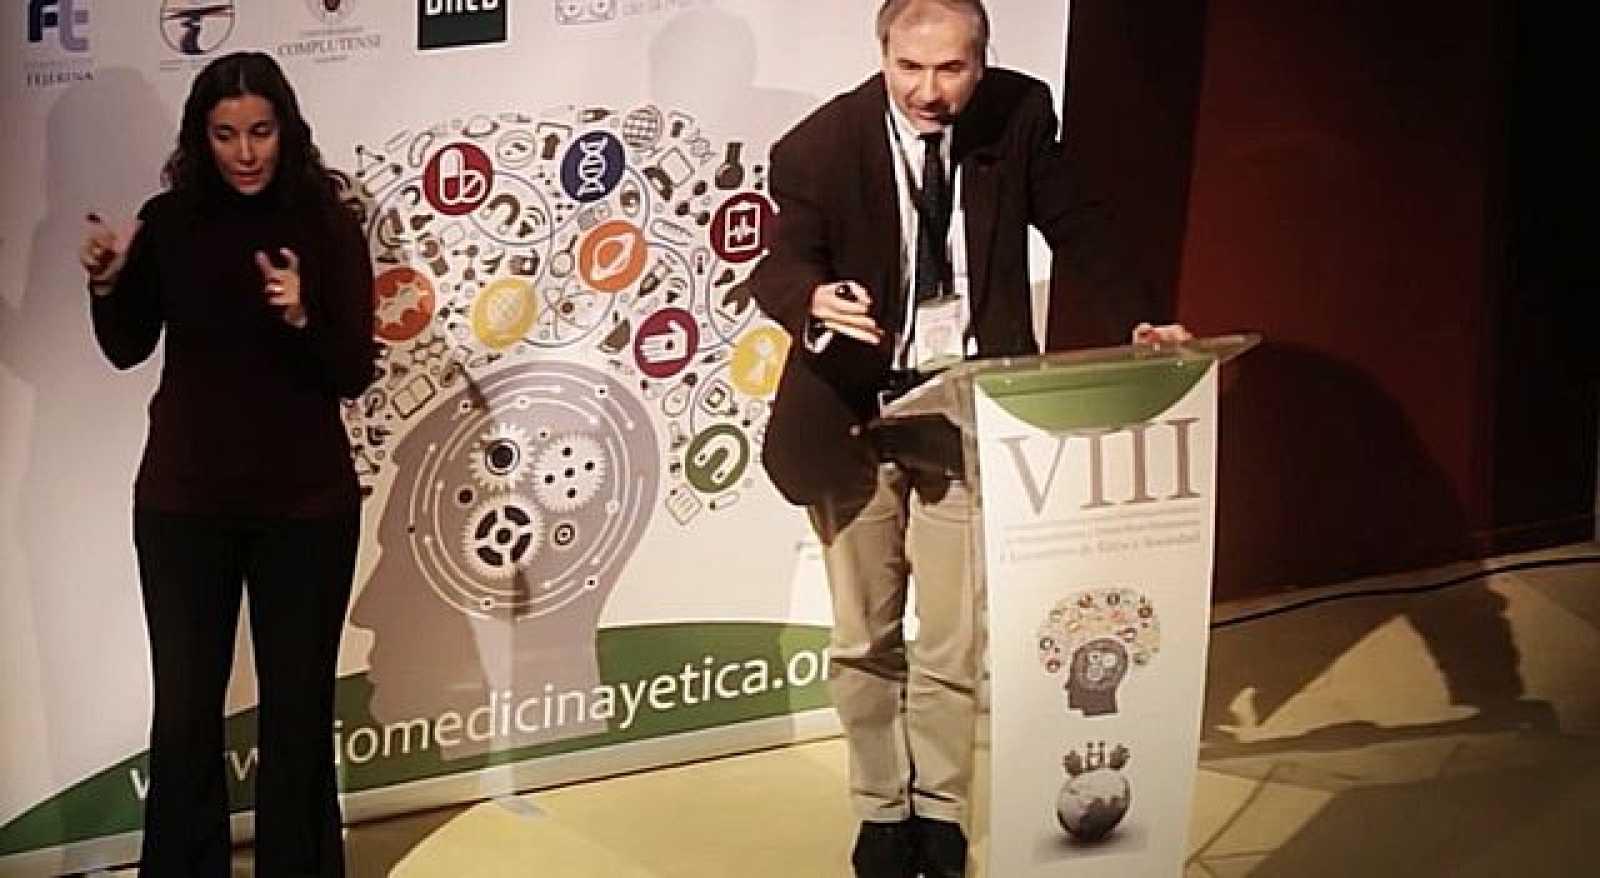 Conversaciones sobre Biomedicina, Tecnología y Der. Humanos